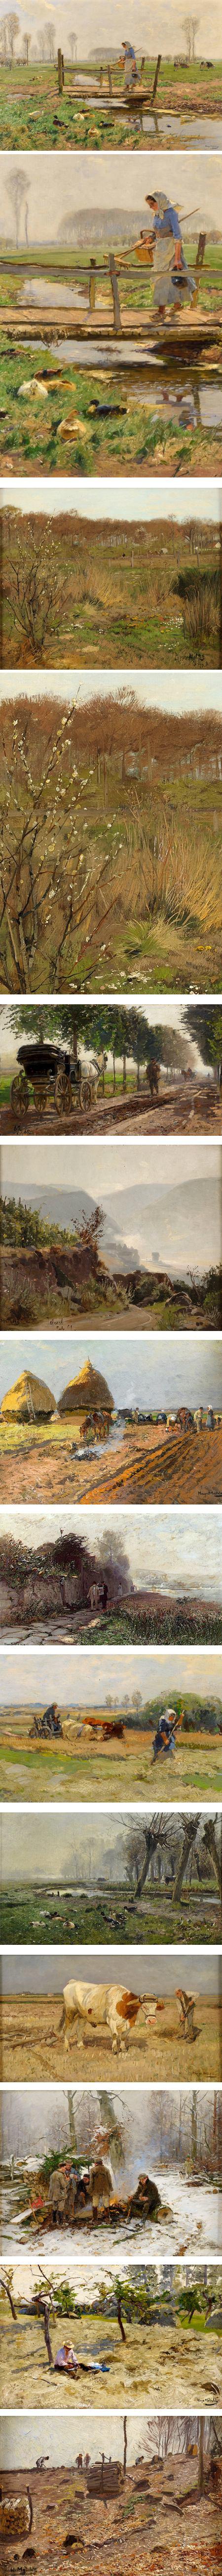 Hugo Muhlig, 19th century Impressionist influenced landscapes